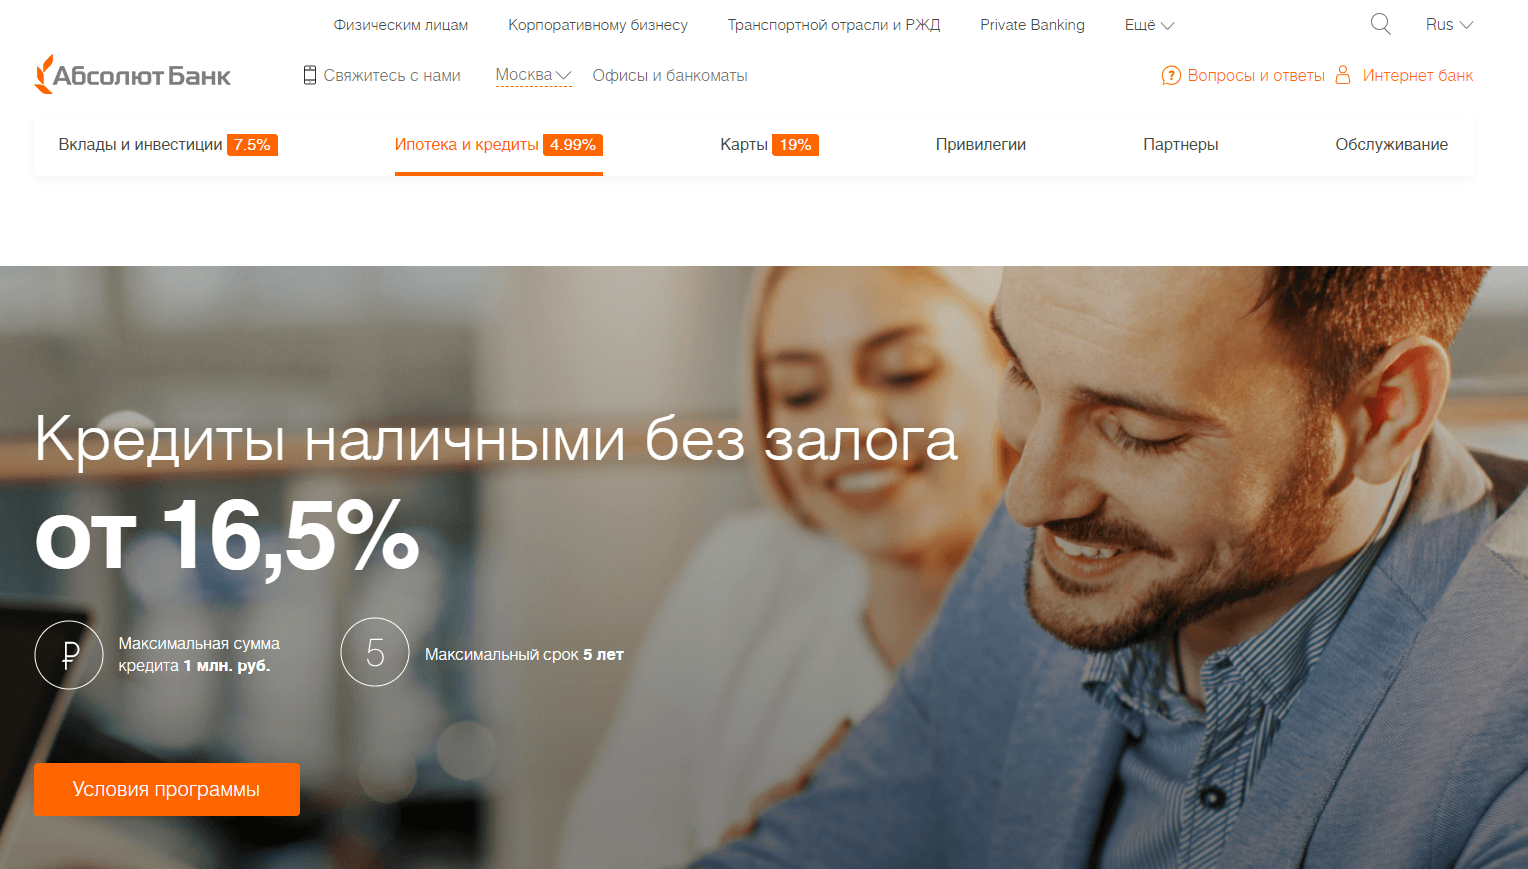 Абсолют Банк — заявка на кредит, рейтинг и отзывы